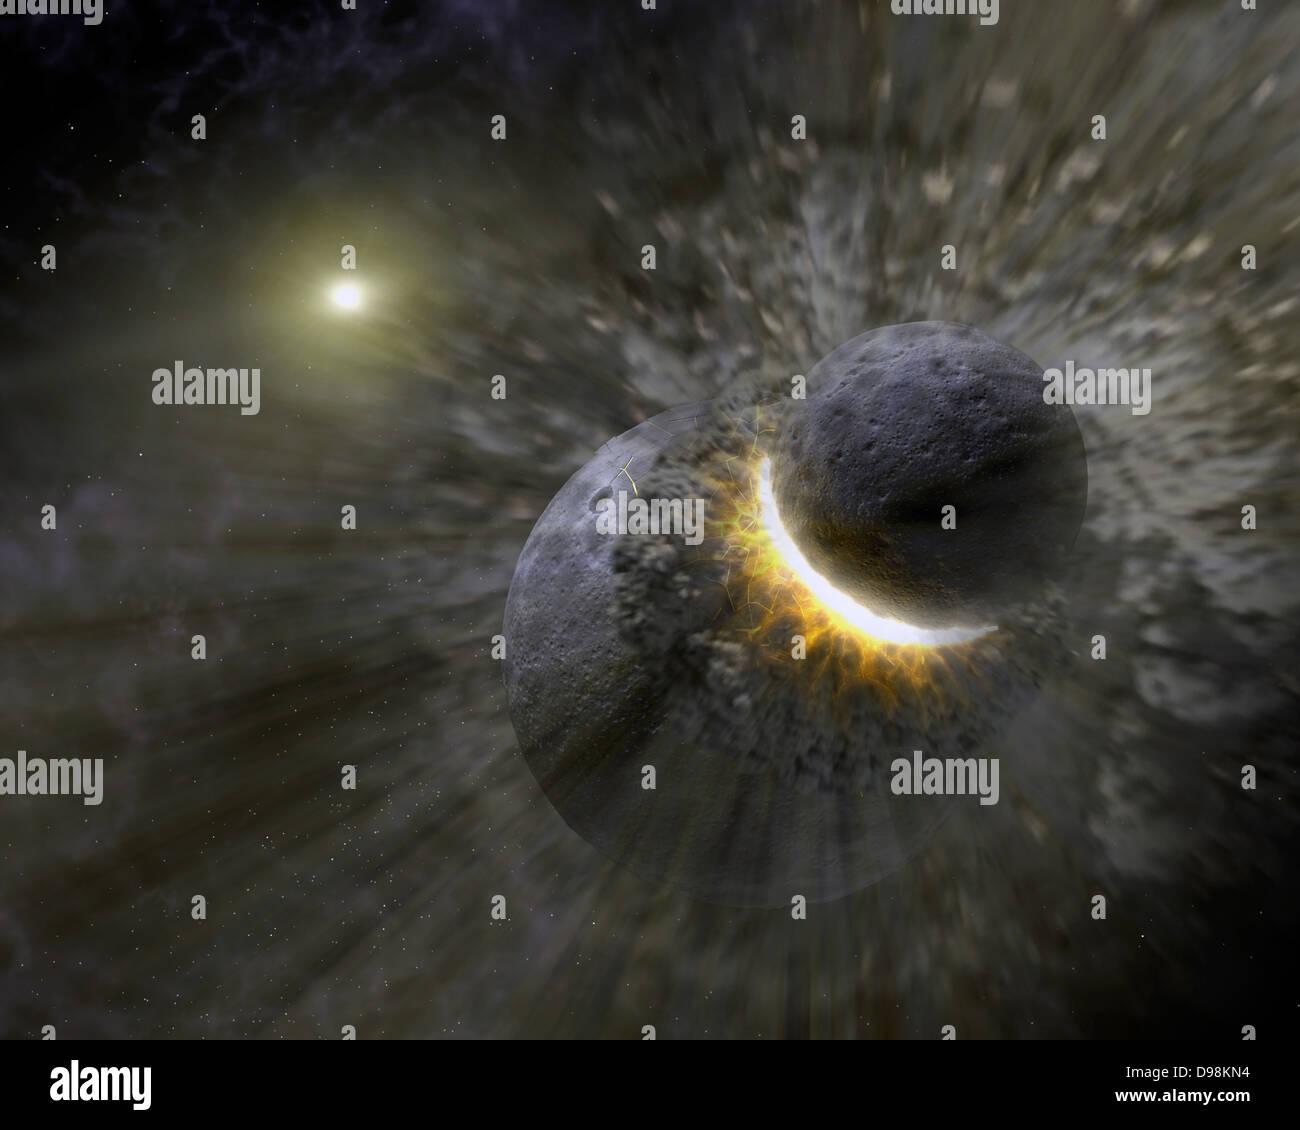 Künstler Konzept eine massive Kollision von Objekten vielleicht so groß wie der Planet Pluto zusammen schmetterte Stockfoto